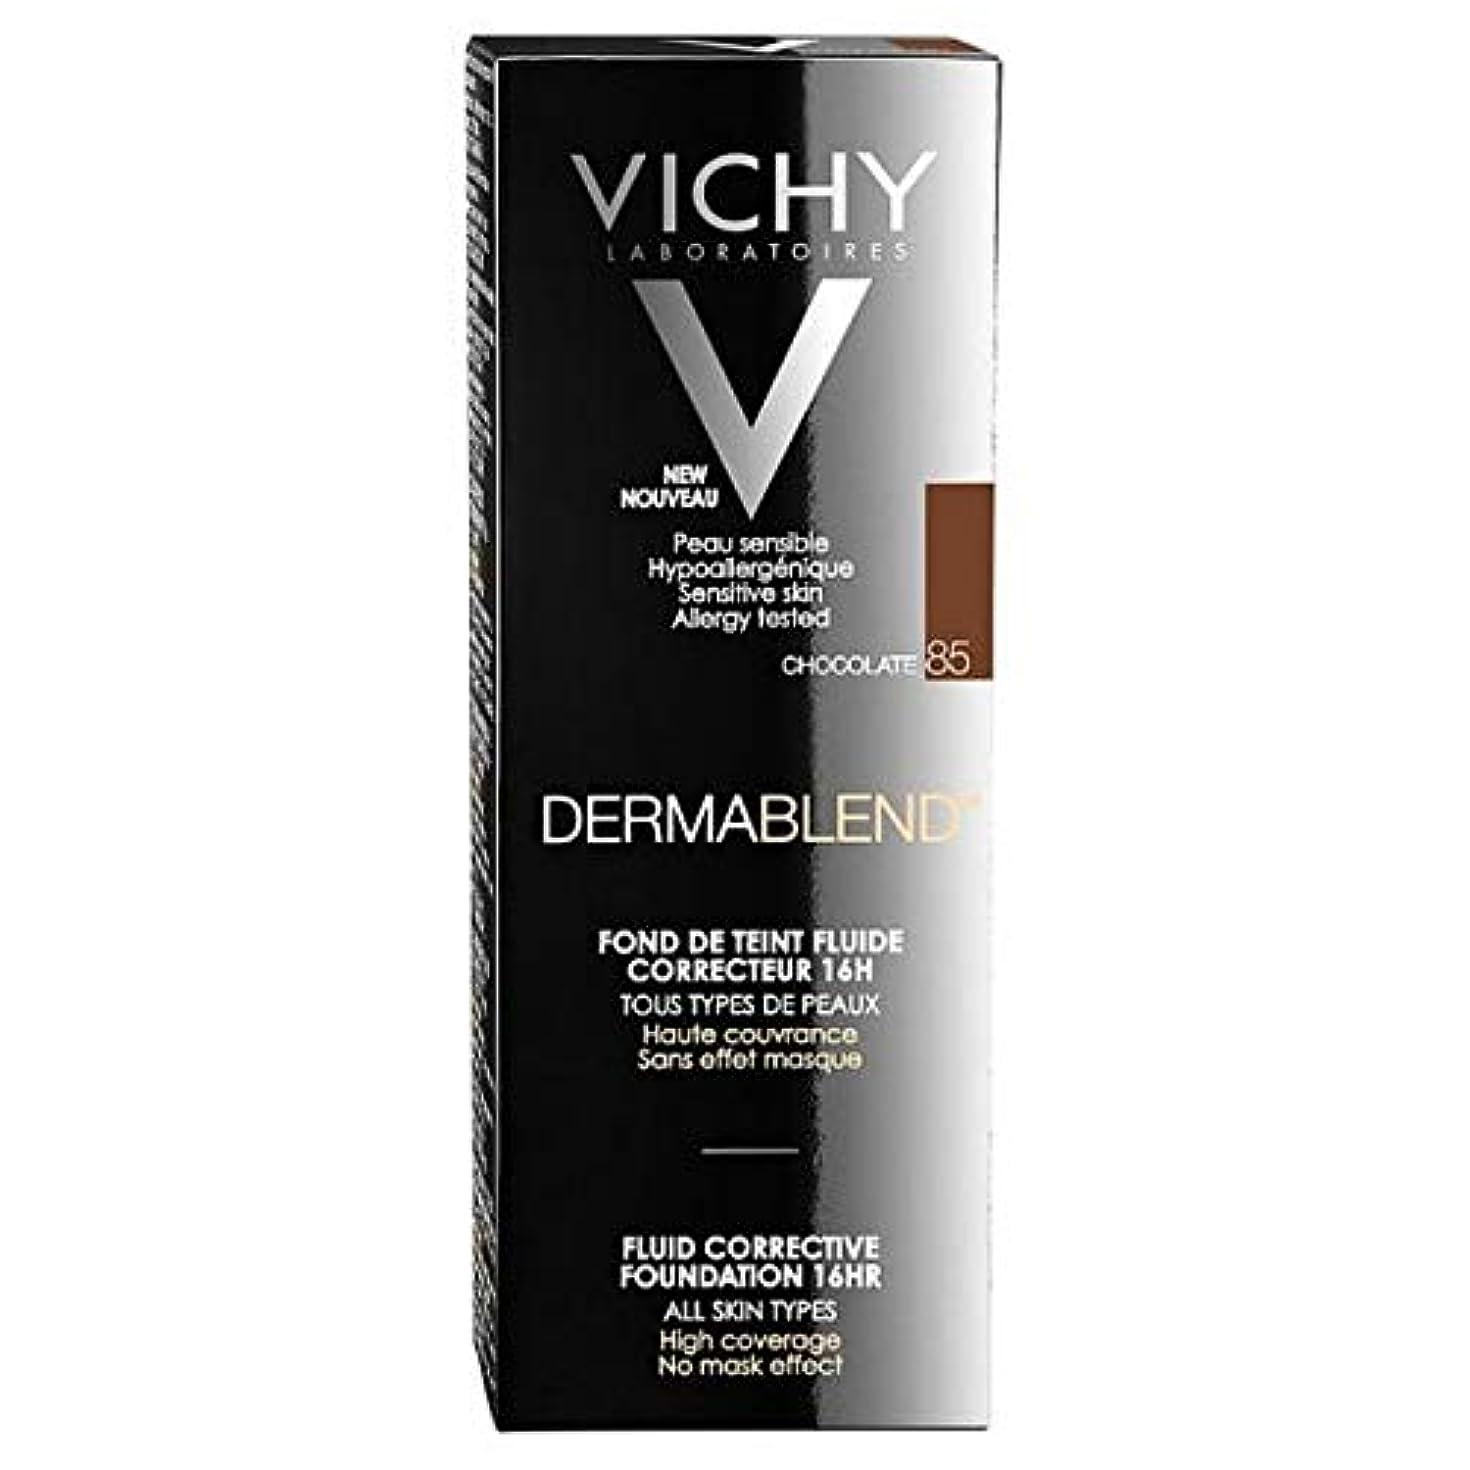 同等の不潔束ねる[Vichy ] ヴィシーDermablend流体是正基盤85 30ミリリットル - Vichy Dermablend Fluid Corrective Foundation 85 30ml [並行輸入品]